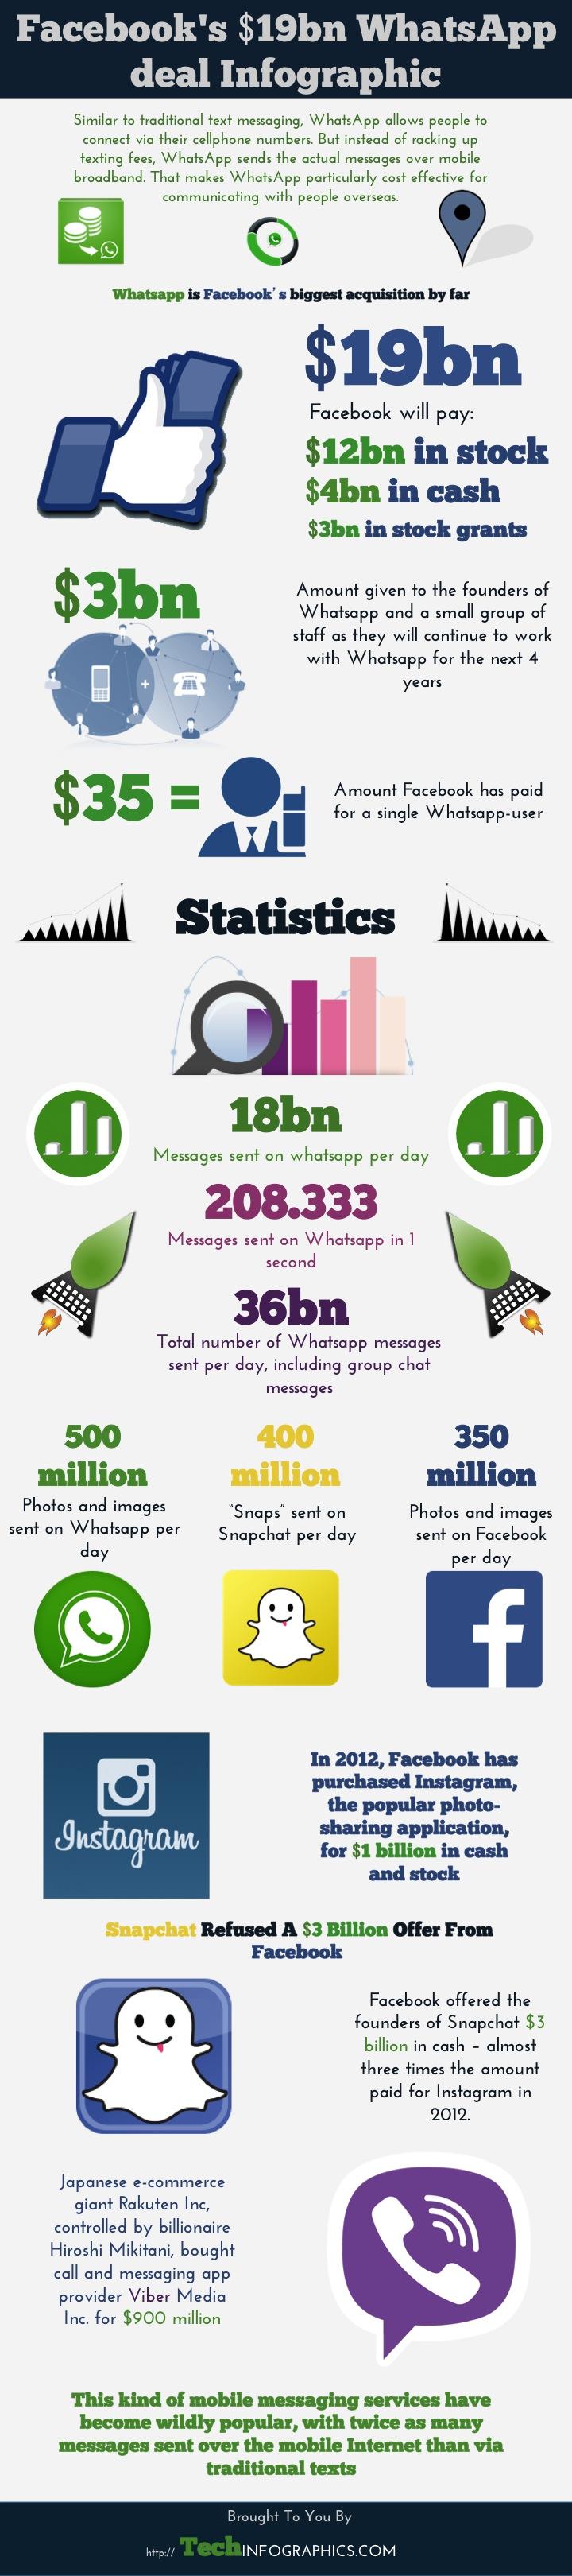 La compra de Whatsapp por FaceBook